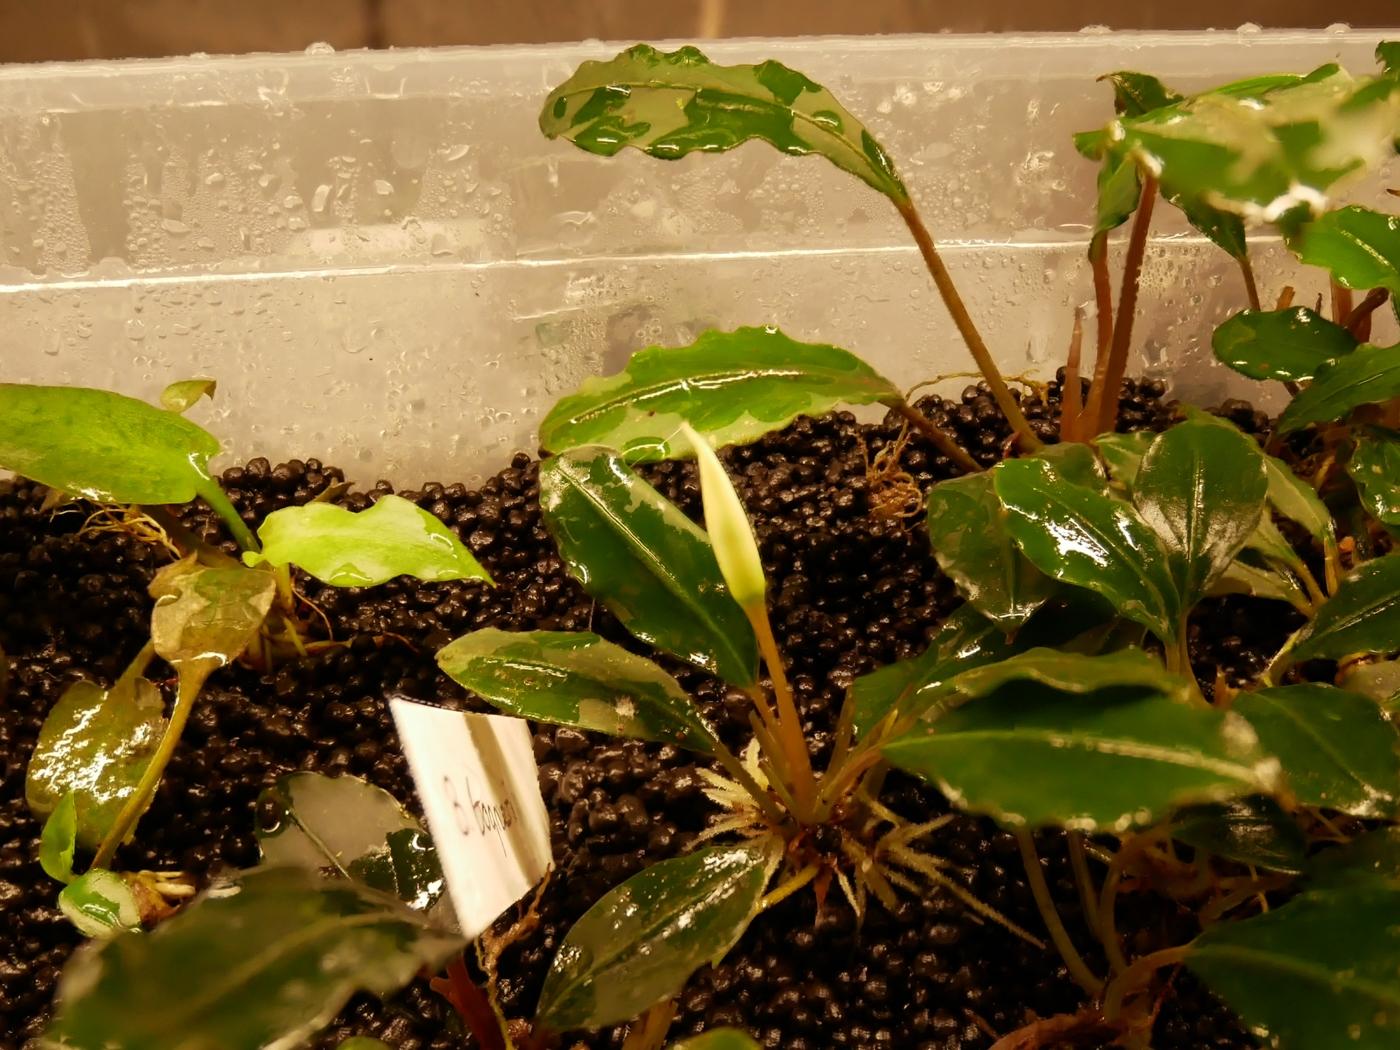 Bucephalandra bogneri spathe